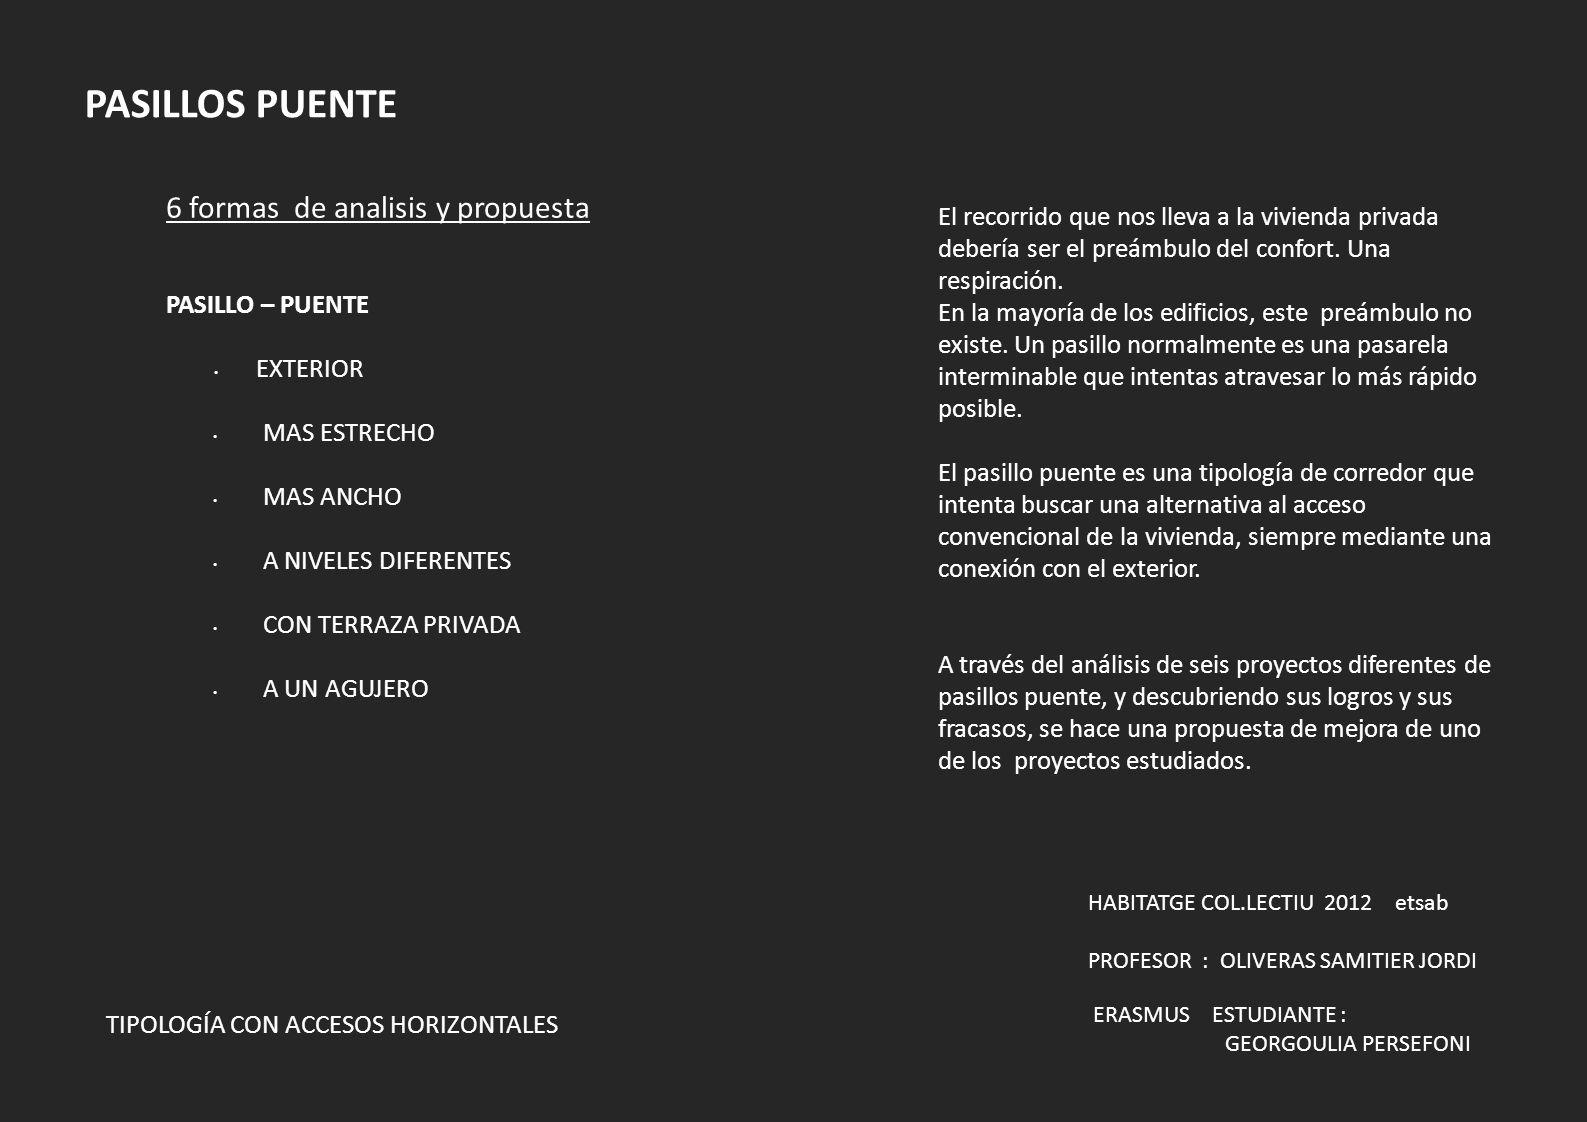 TIPOLOGÍA CON ACCESOS HORIZONTALES PASILLOS PUENTE ERASMUS ESTUDIANTE : GEORGOULIA PERSEFONI HABITATGE COL.LECTIU 2012 etsab PROFESOR : OLIVERAS SAMIT